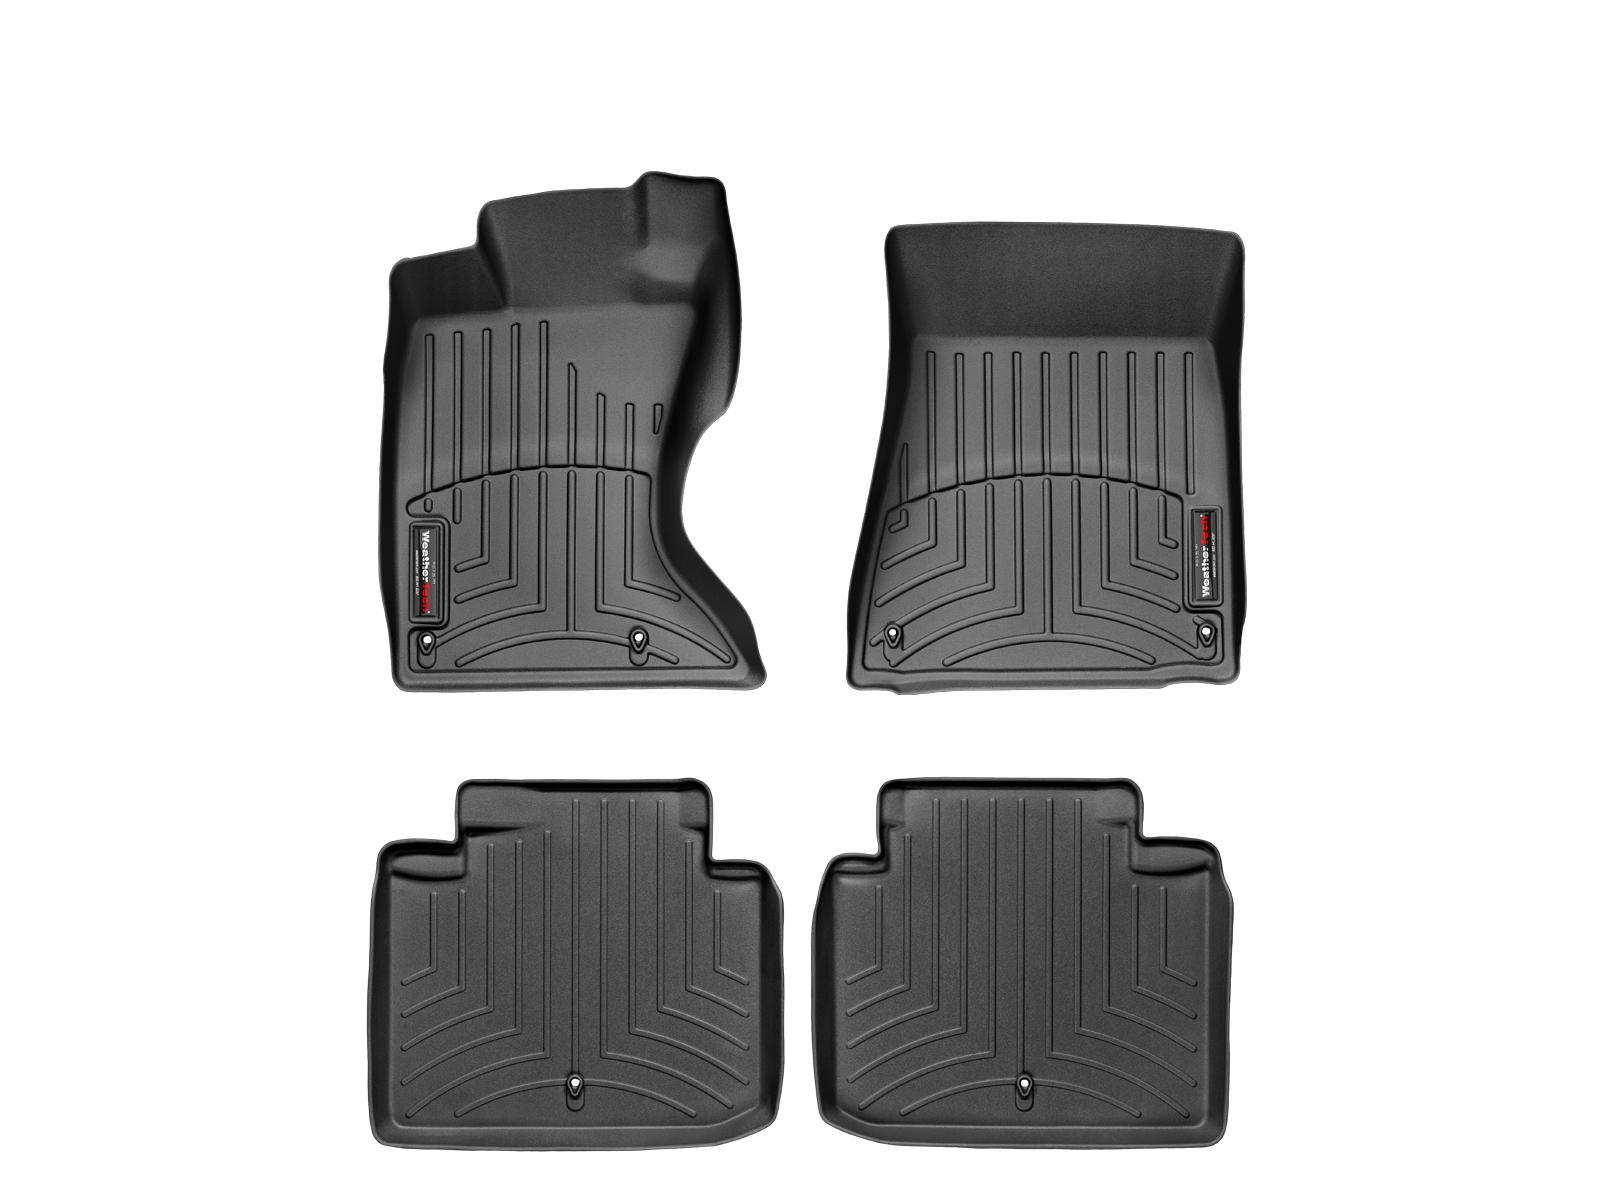 Tappeti gomma su misura bordo alto Lexus GS 300 06>06 Nero A2026